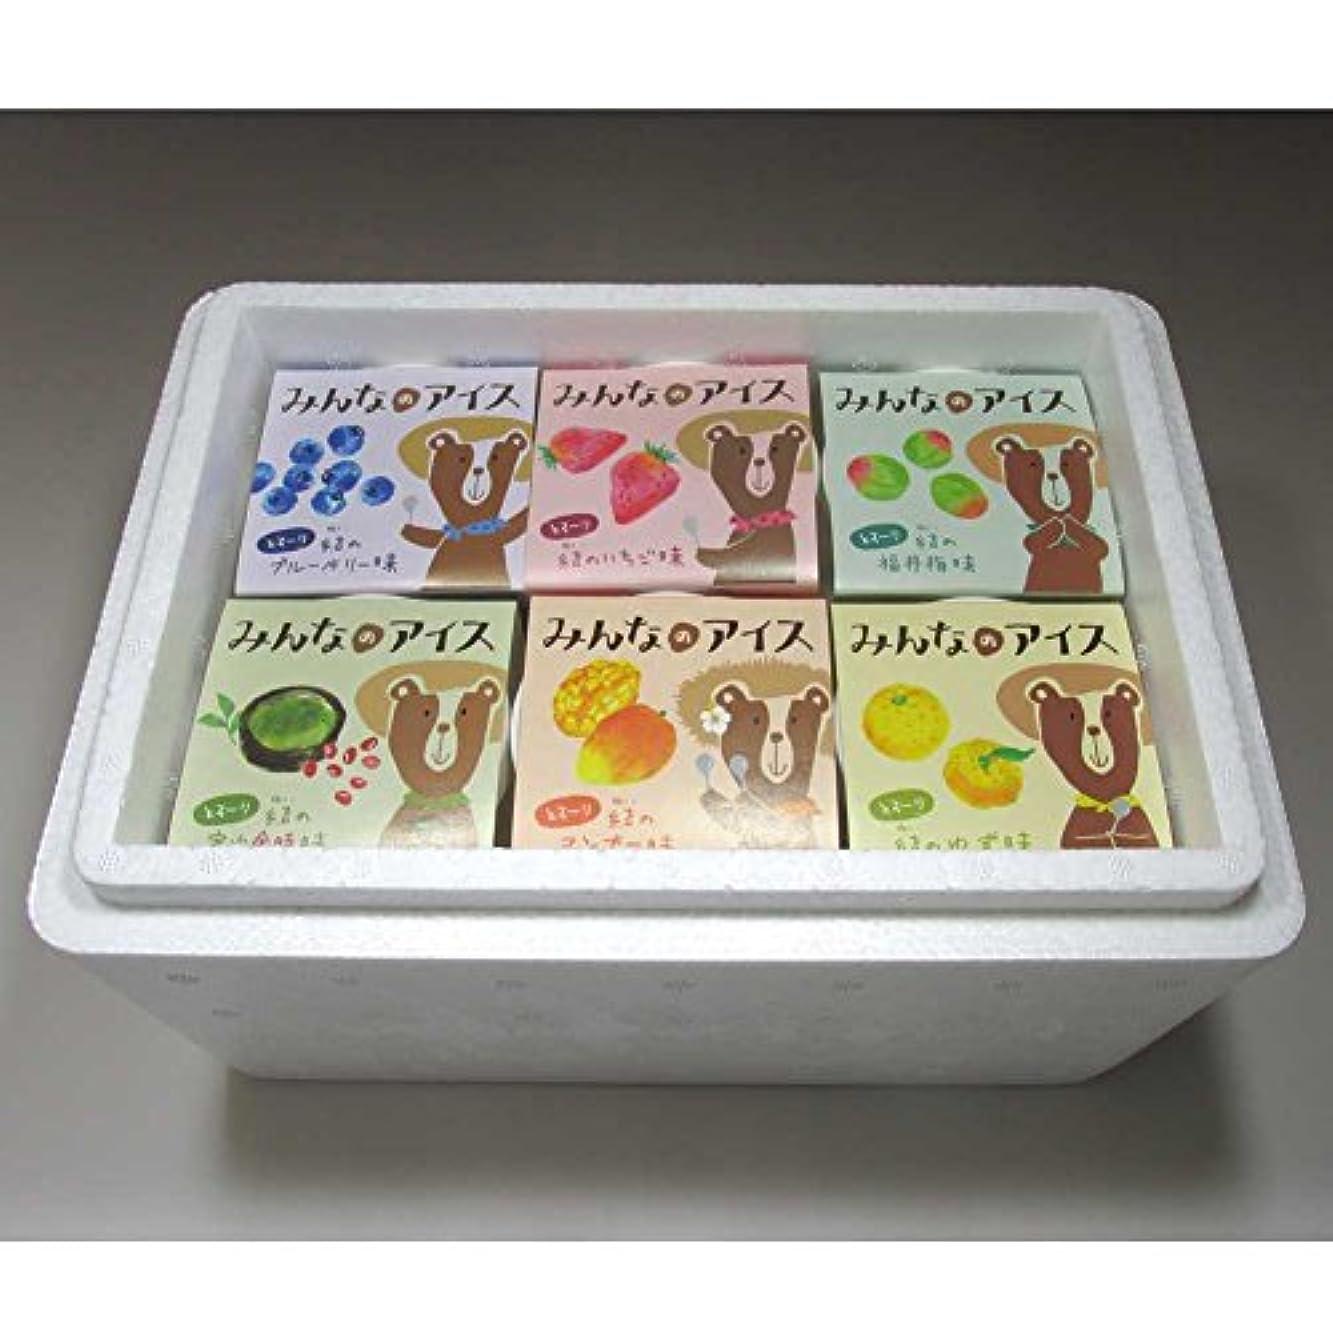 一時停止ランダム骨の折れるSFV生産農場 建石農園「アレルギーフリー☆みんなのアイス (6個)」 -クール冷凍-